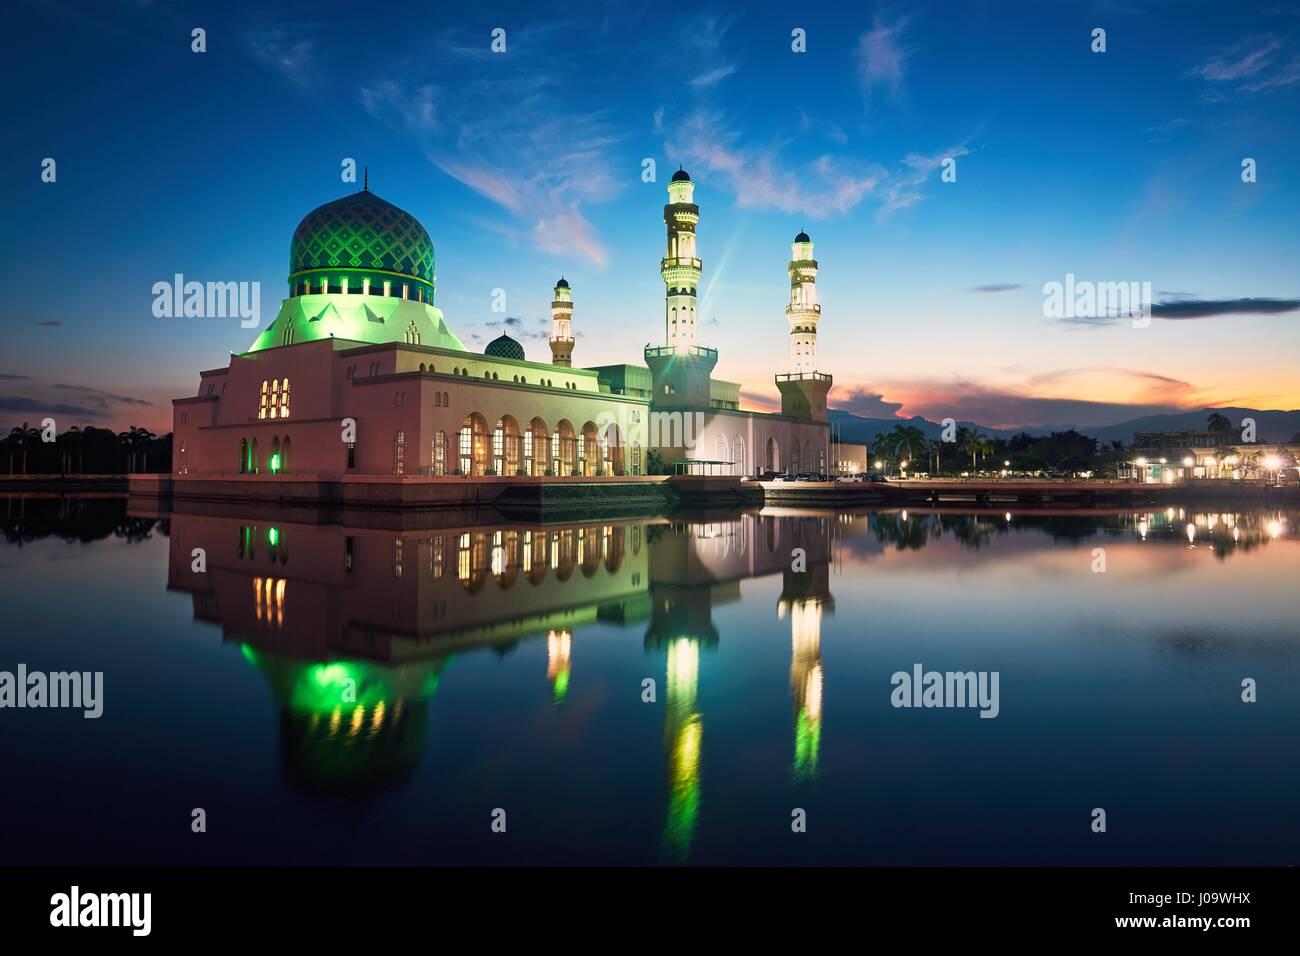 La réflexion de la ville de Kota Kinabalu Mosquée, île de Bornéo, en Malaisie Photo Stock